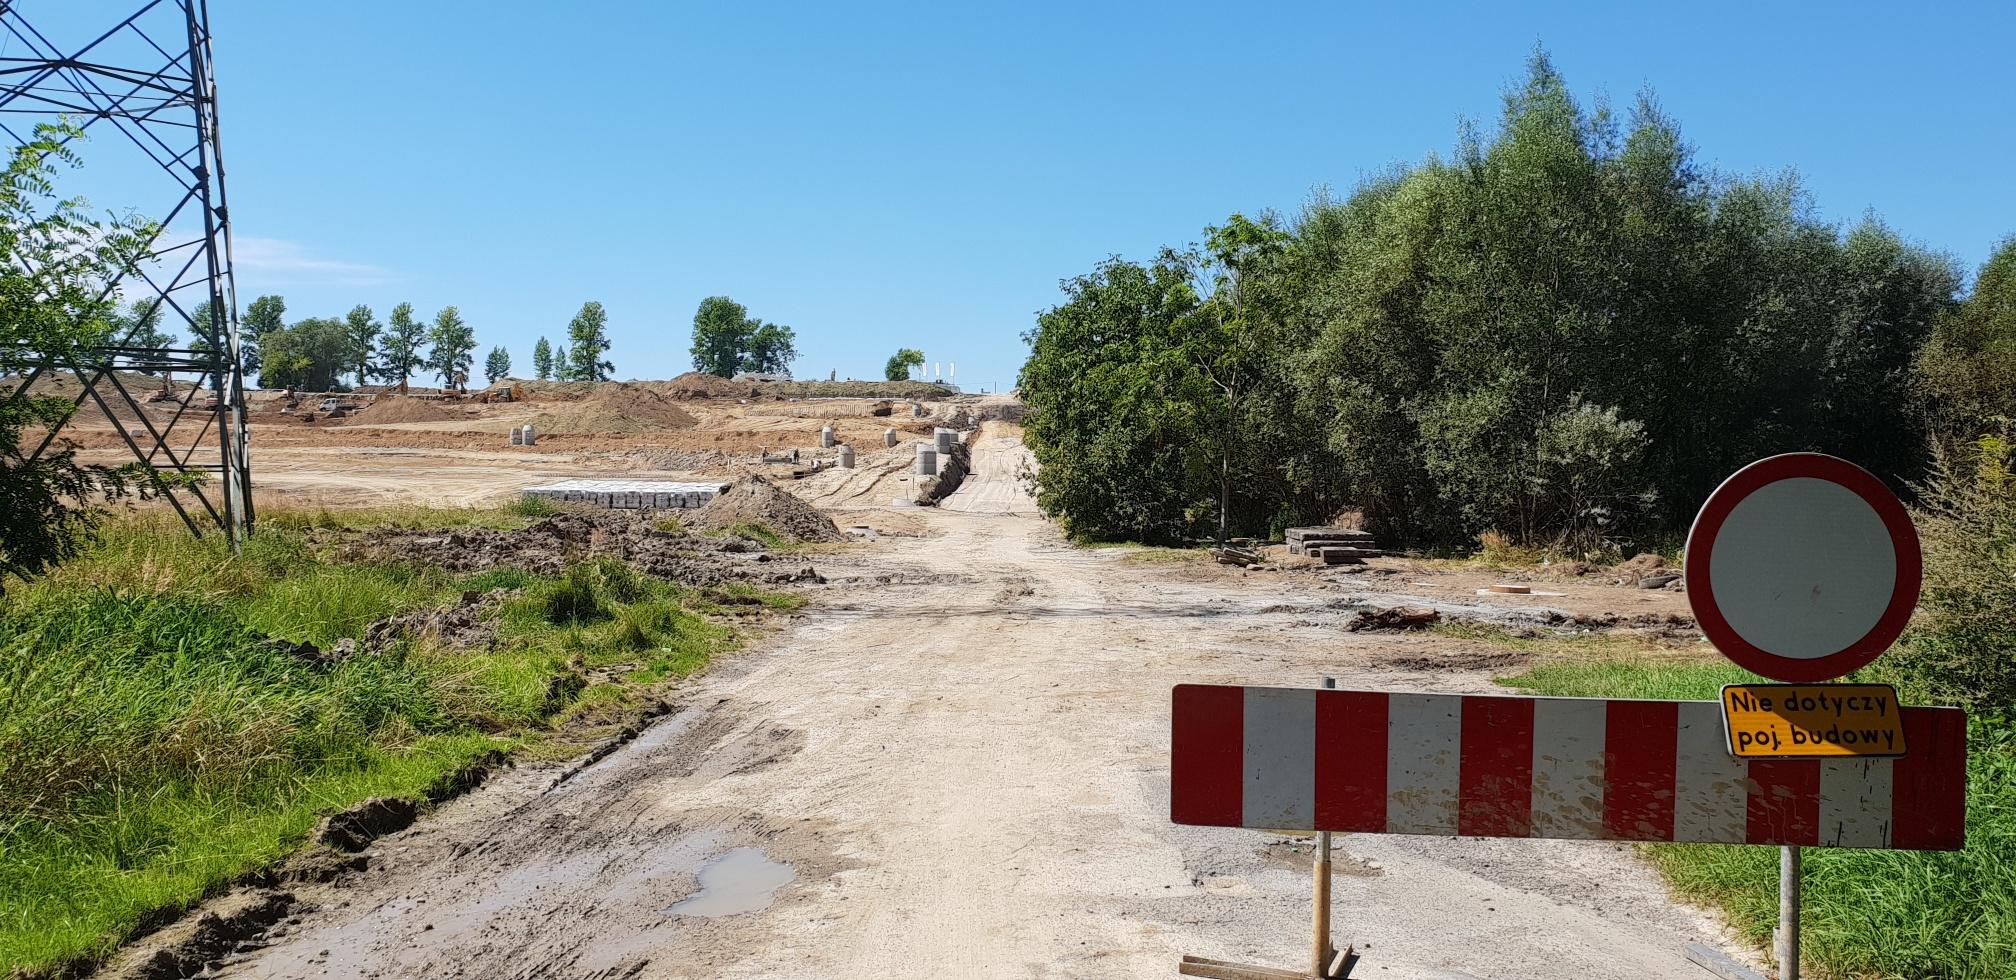 Budowa strefy gospodarczej z opóźnieniem? [FOTO]